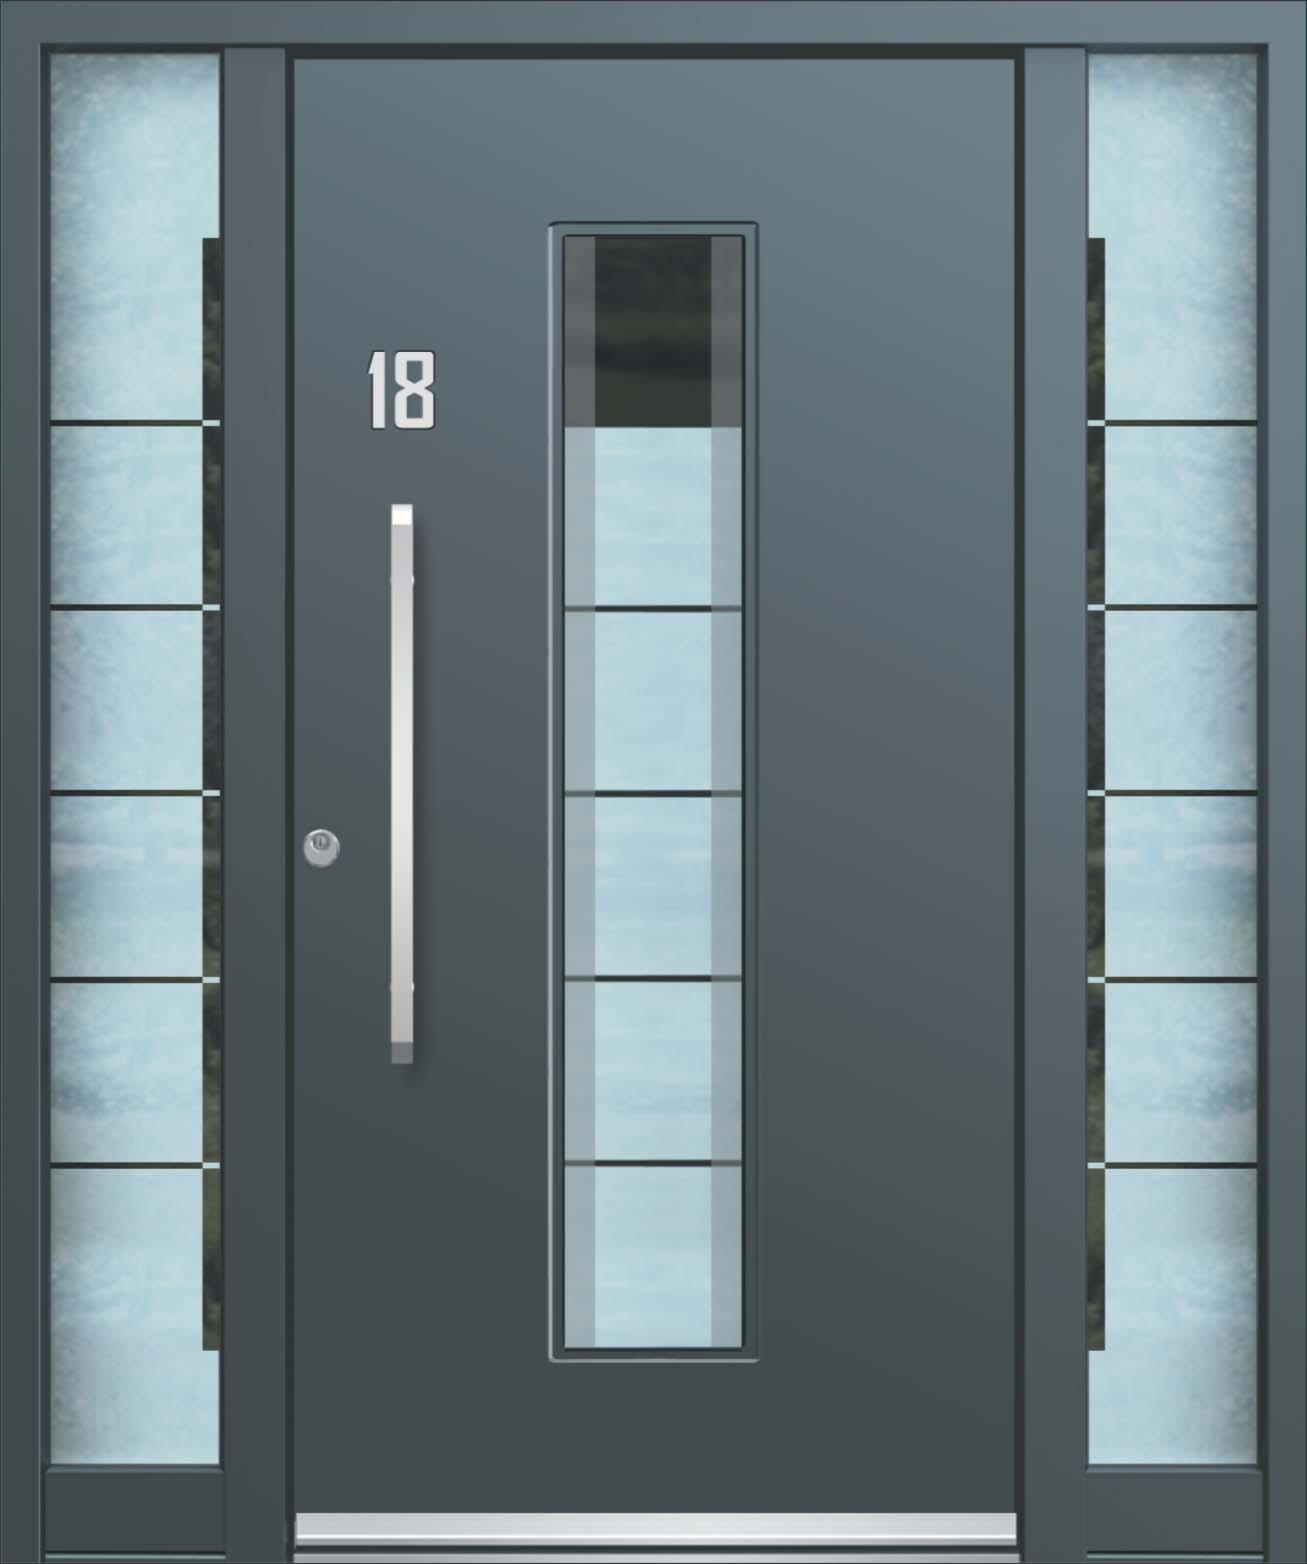 t renfux age 1113 ms 5268. Black Bedroom Furniture Sets. Home Design Ideas